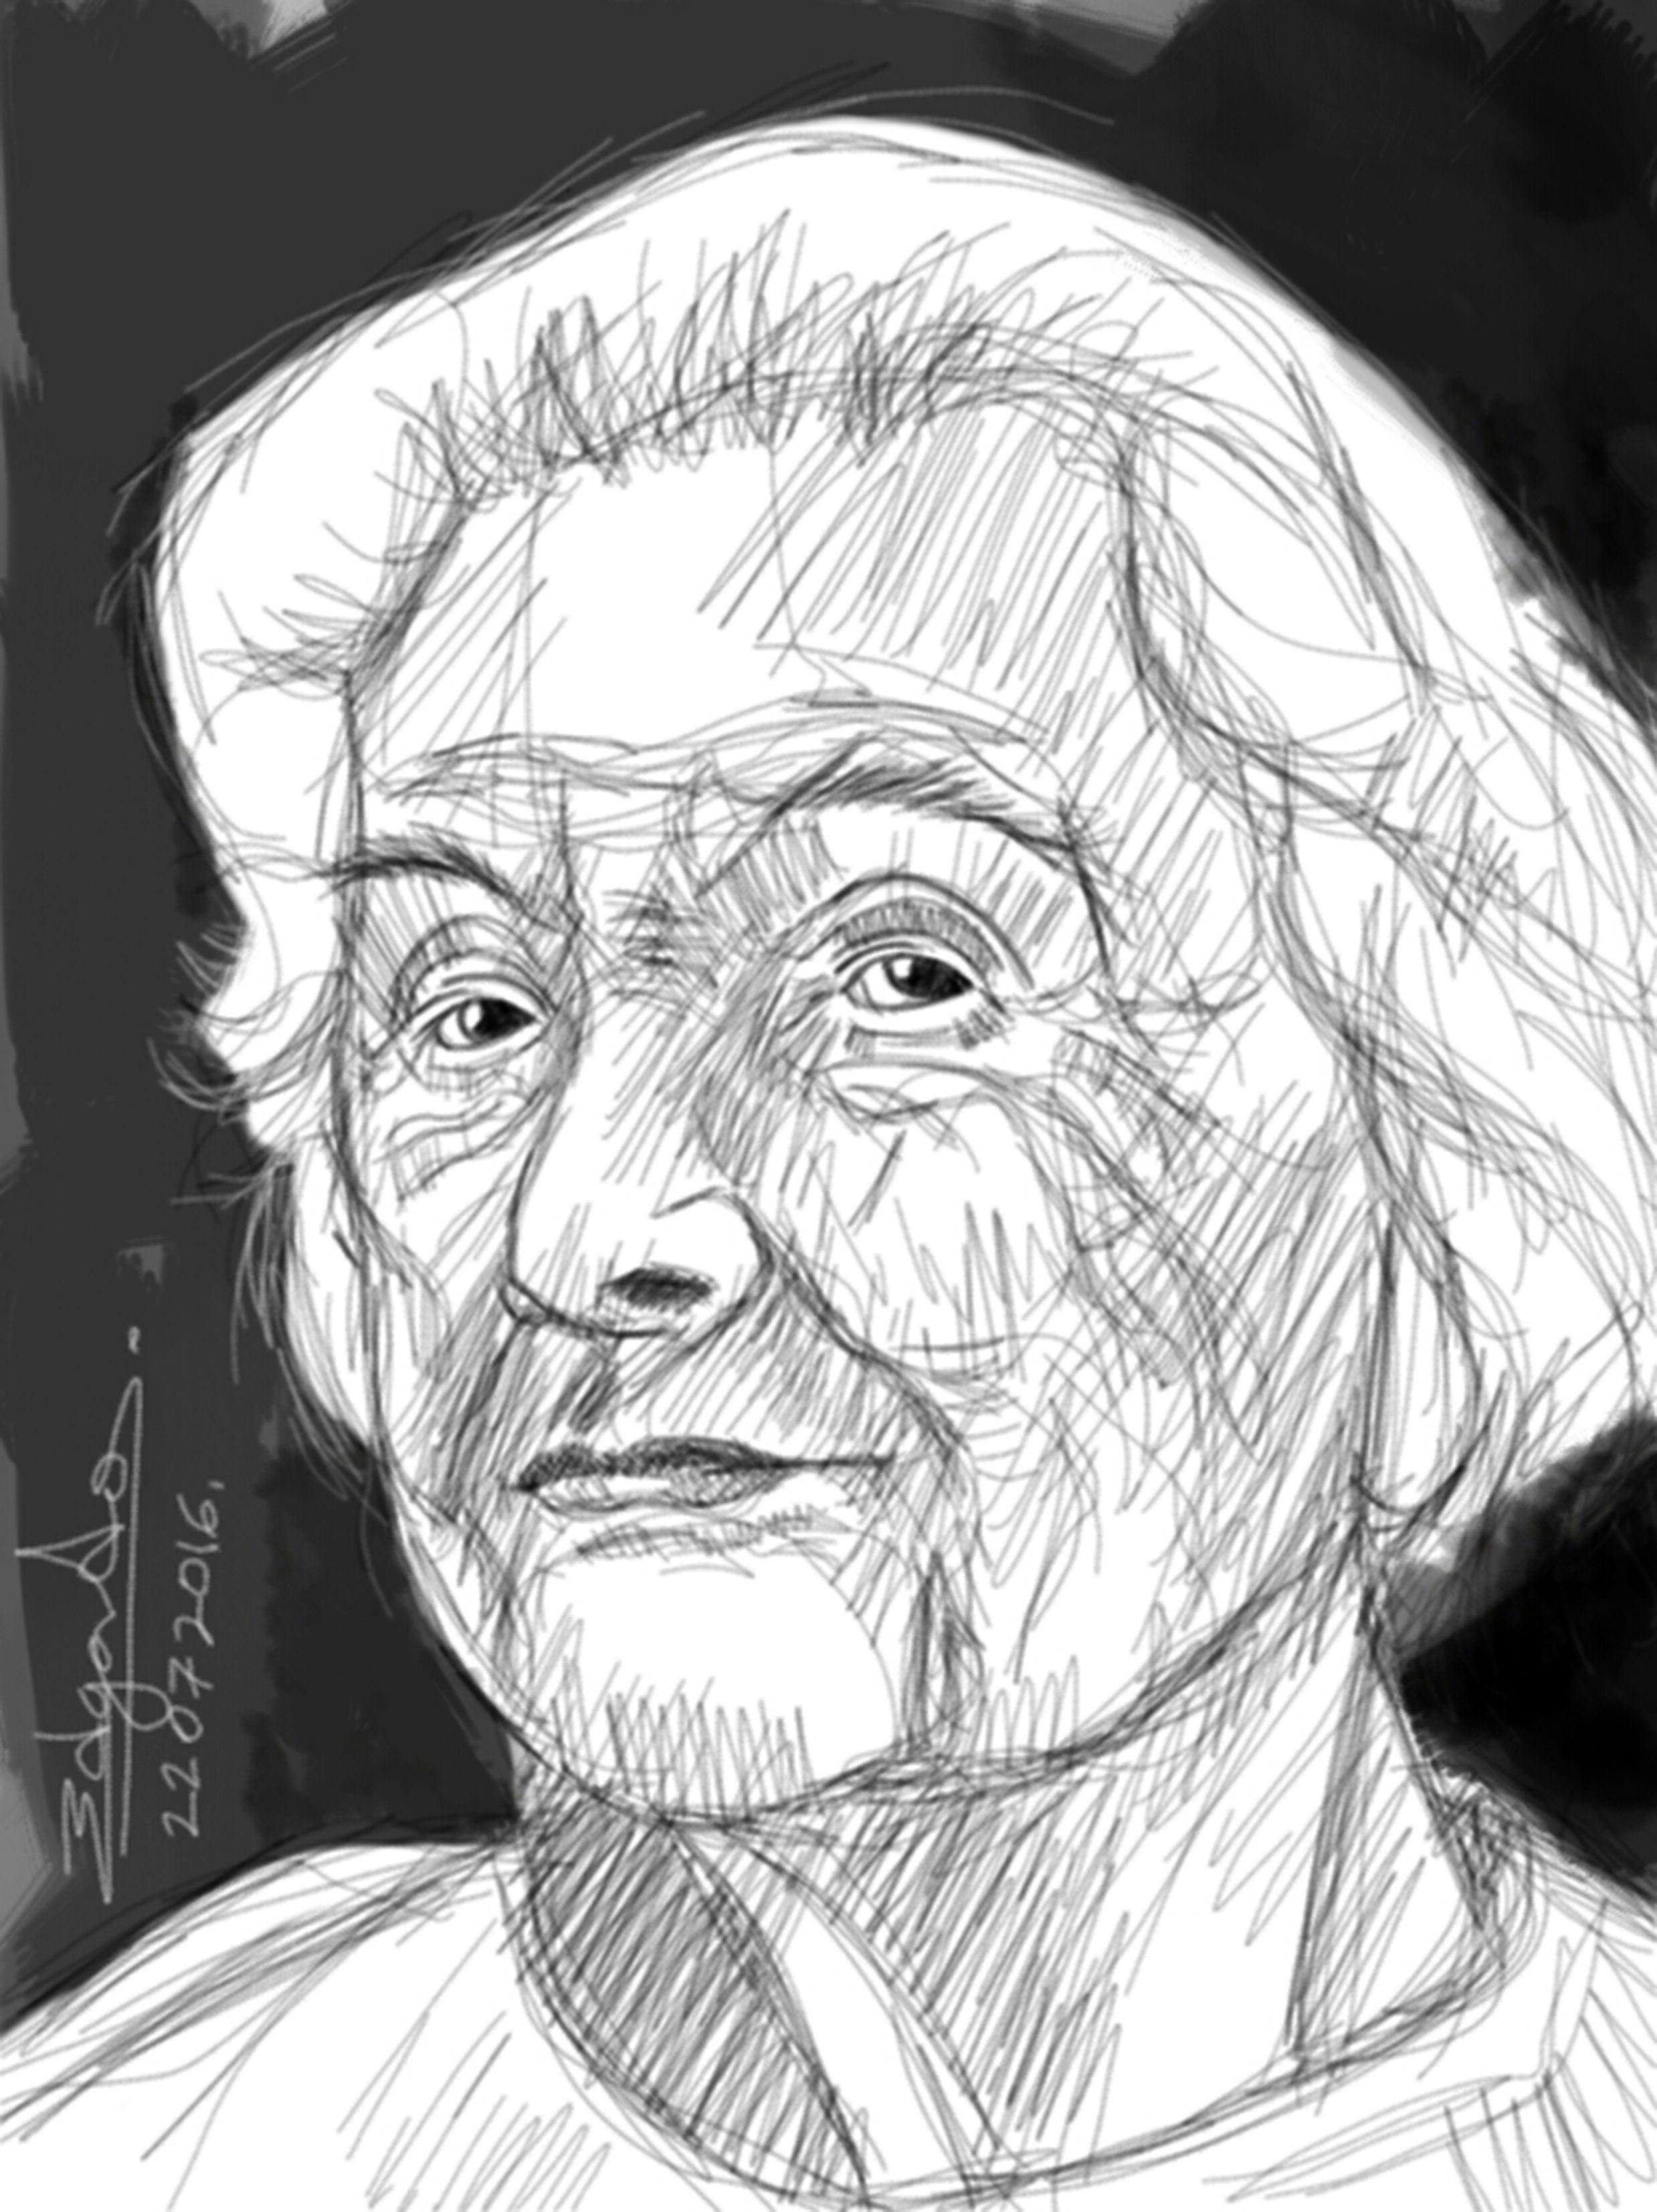 Mirar El Tiempo 22072016 Pinturas Dibujos Pictorico